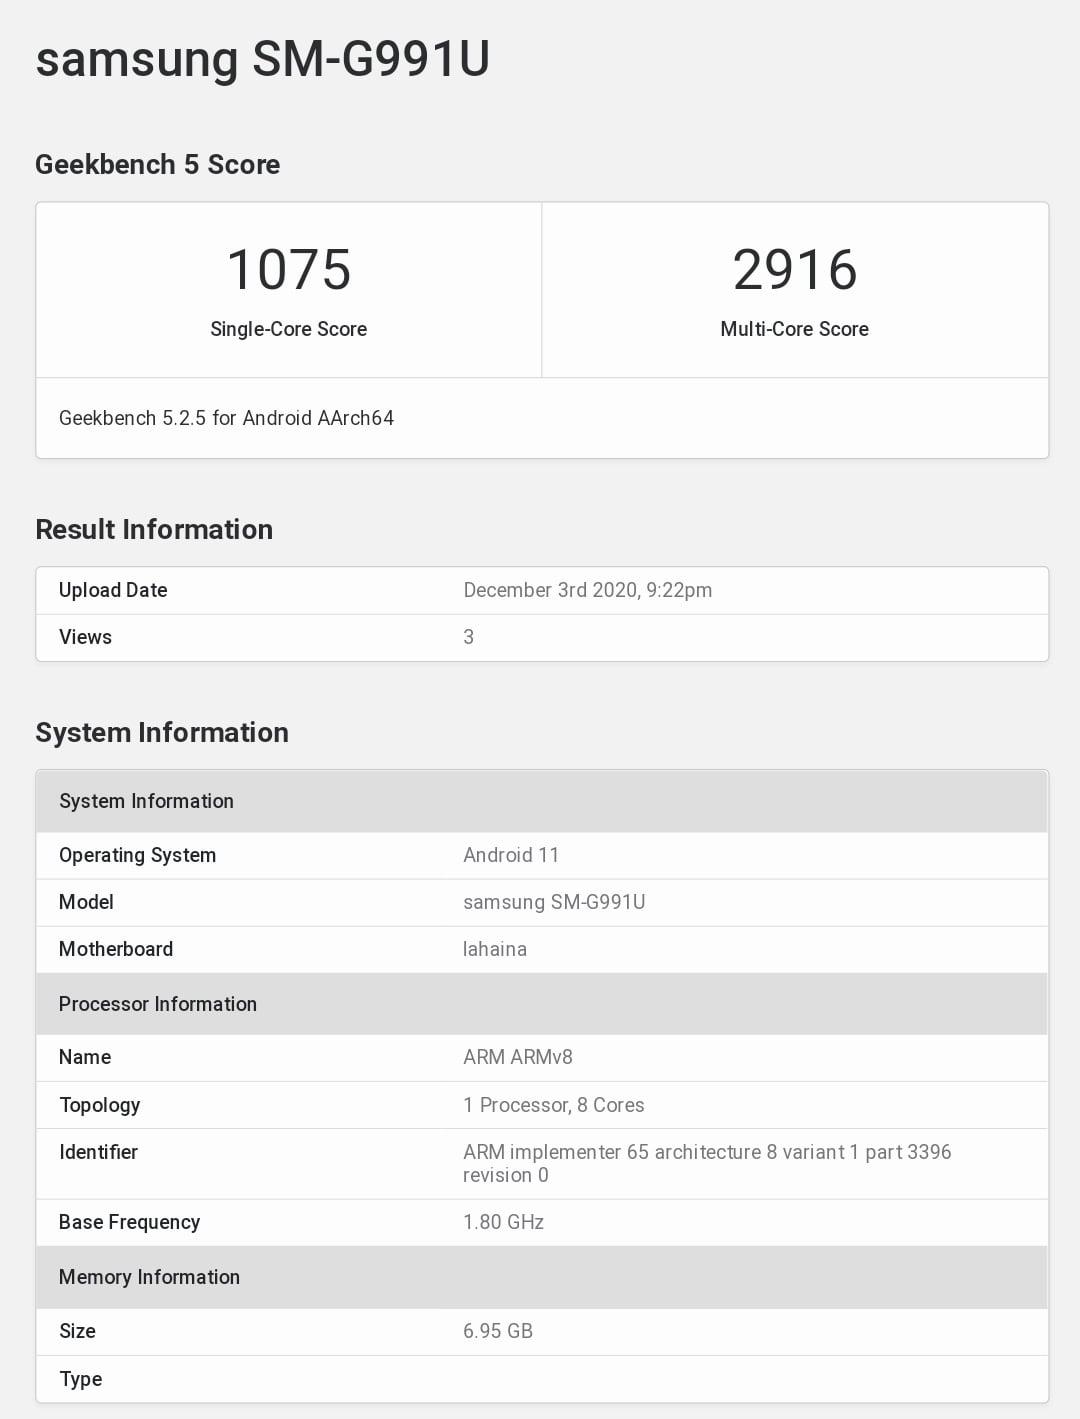 Samsung S21 Geekbench